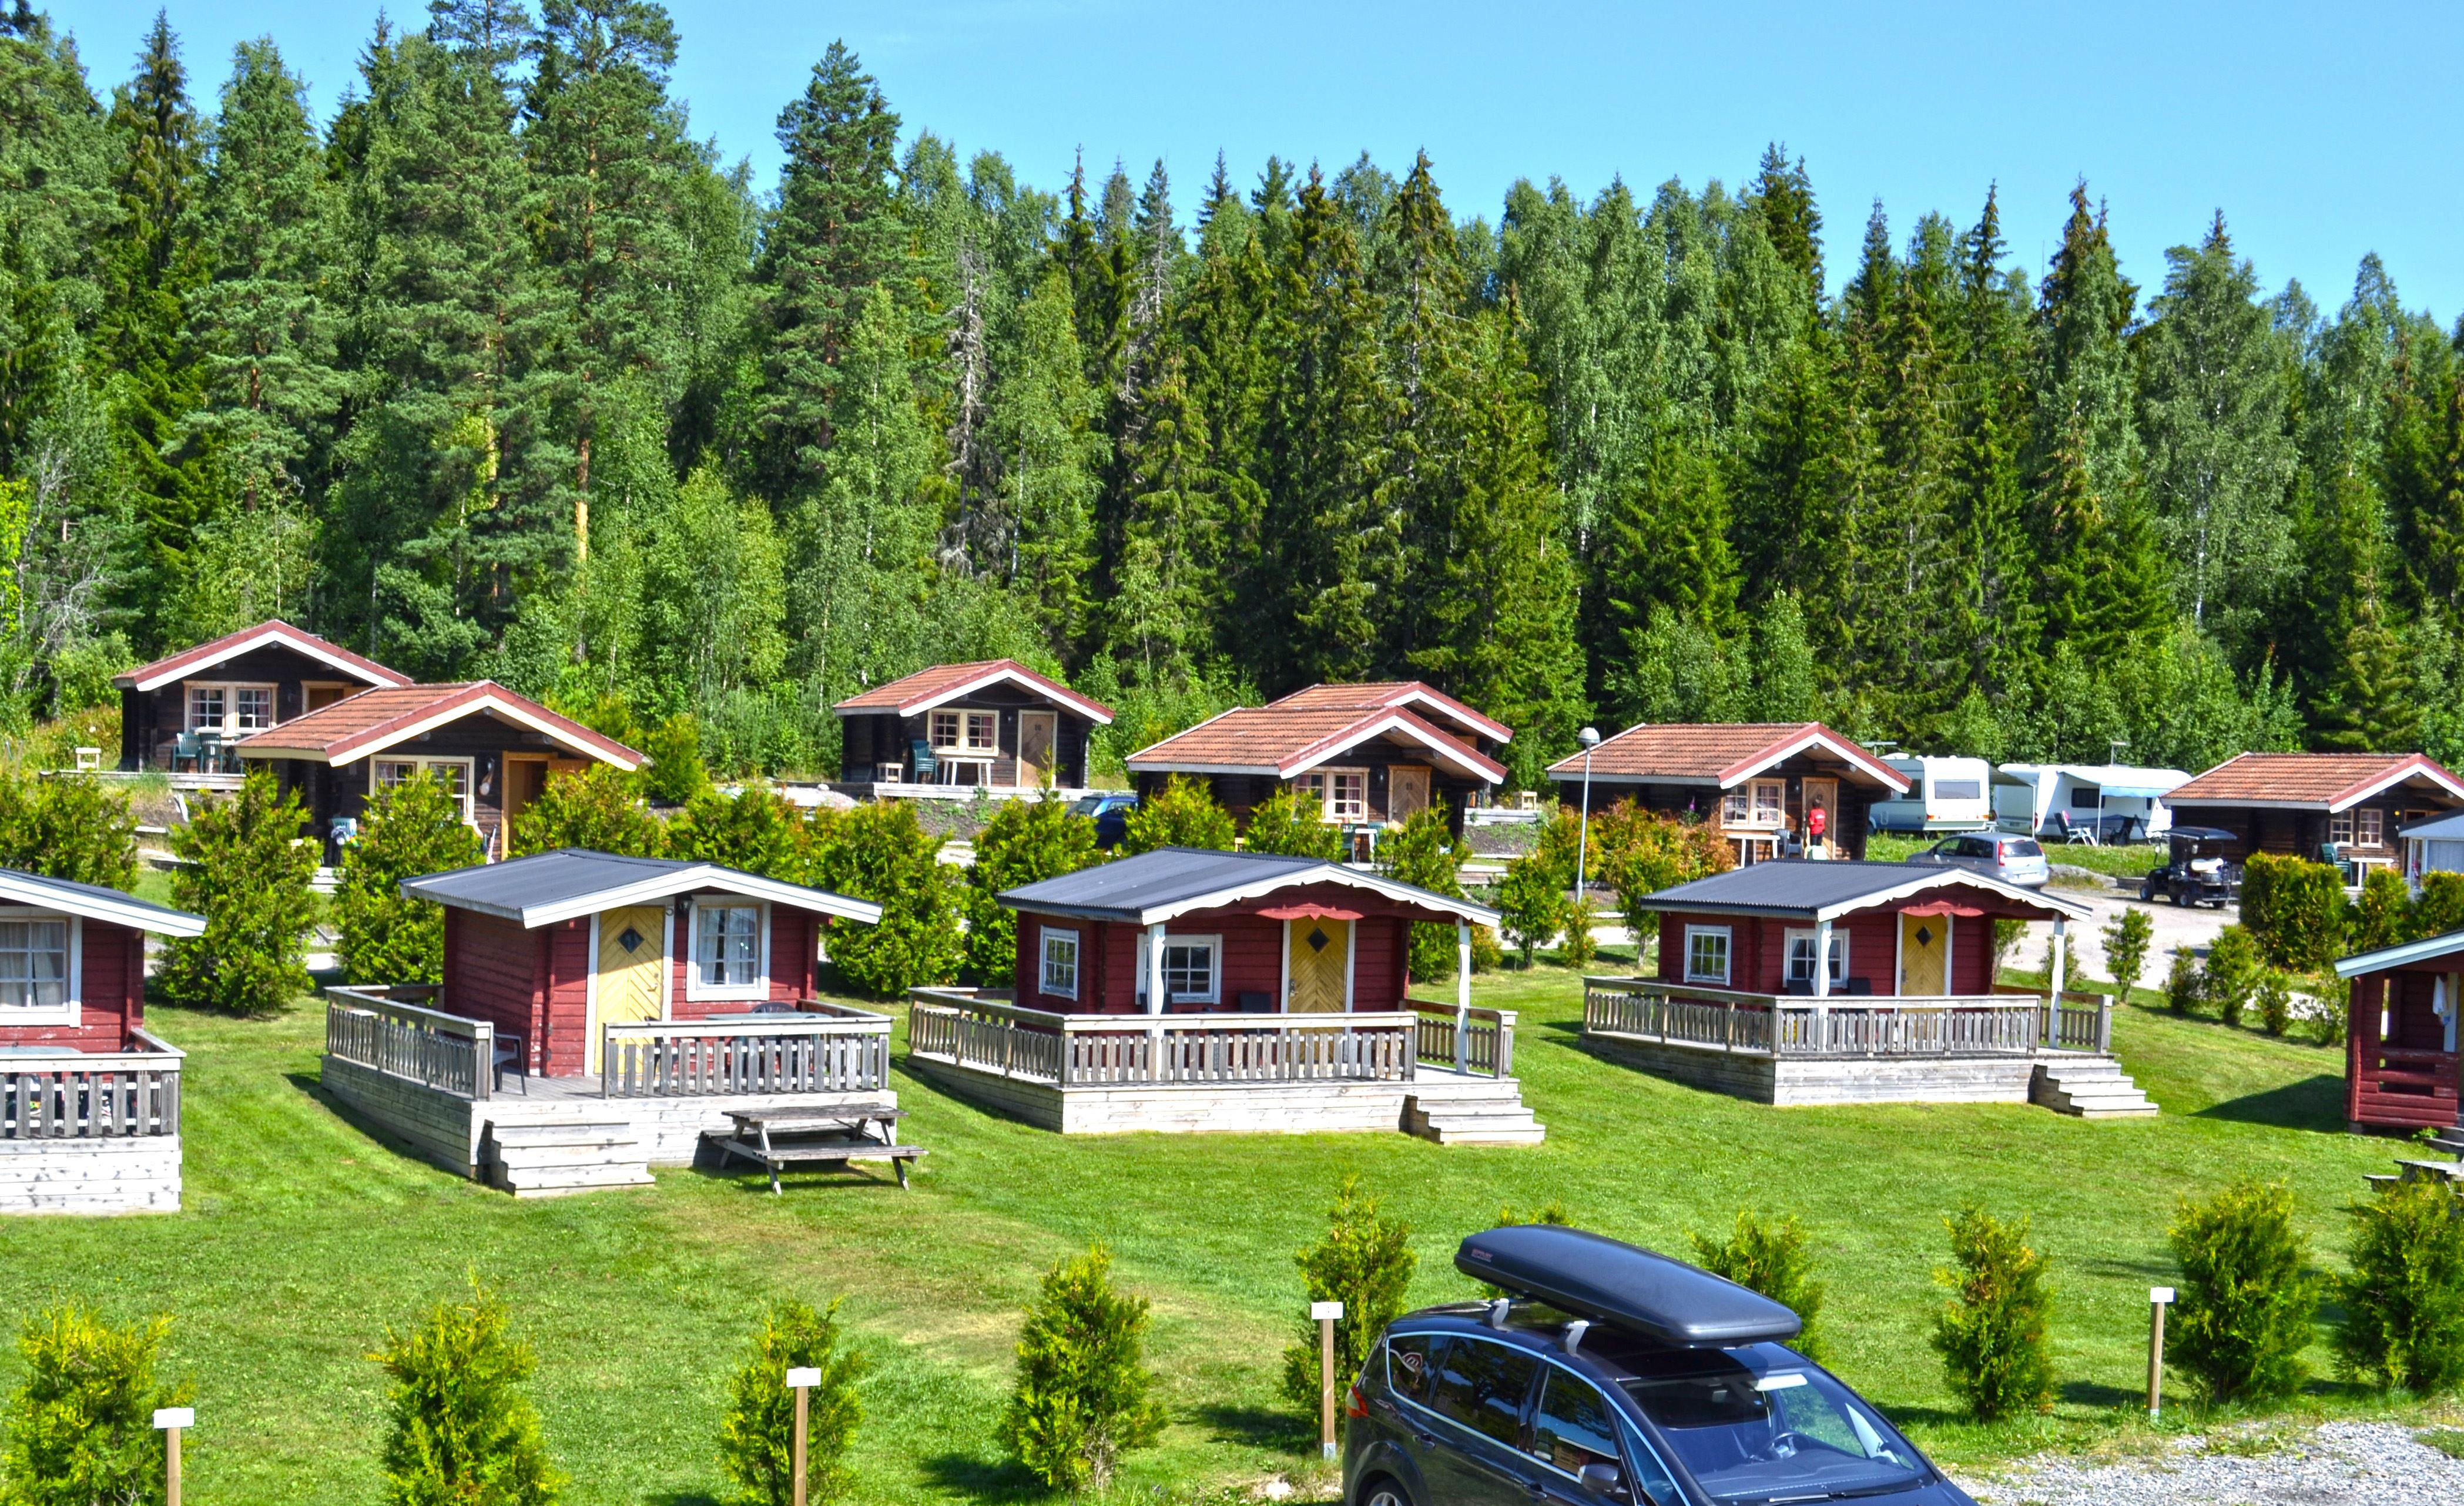 Charlottenberg Camping & Ferienhäuser Haganäset